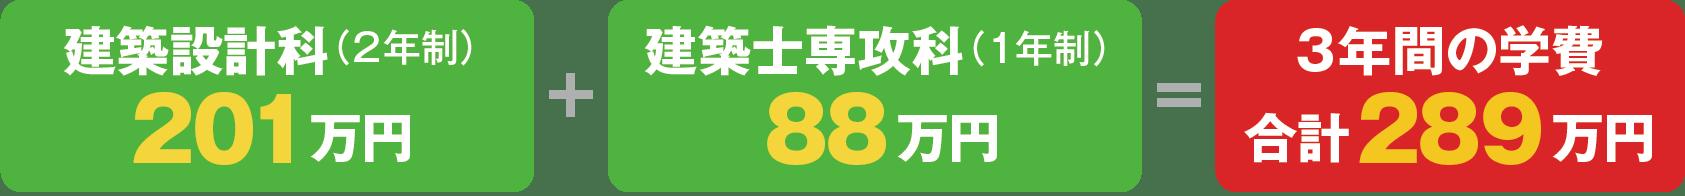 千葉県内の情報系大学4年間の学費485万円 本校ITスペシャリスト科4年間の学費419万円 本校と大学の学費の差は、約66万円!